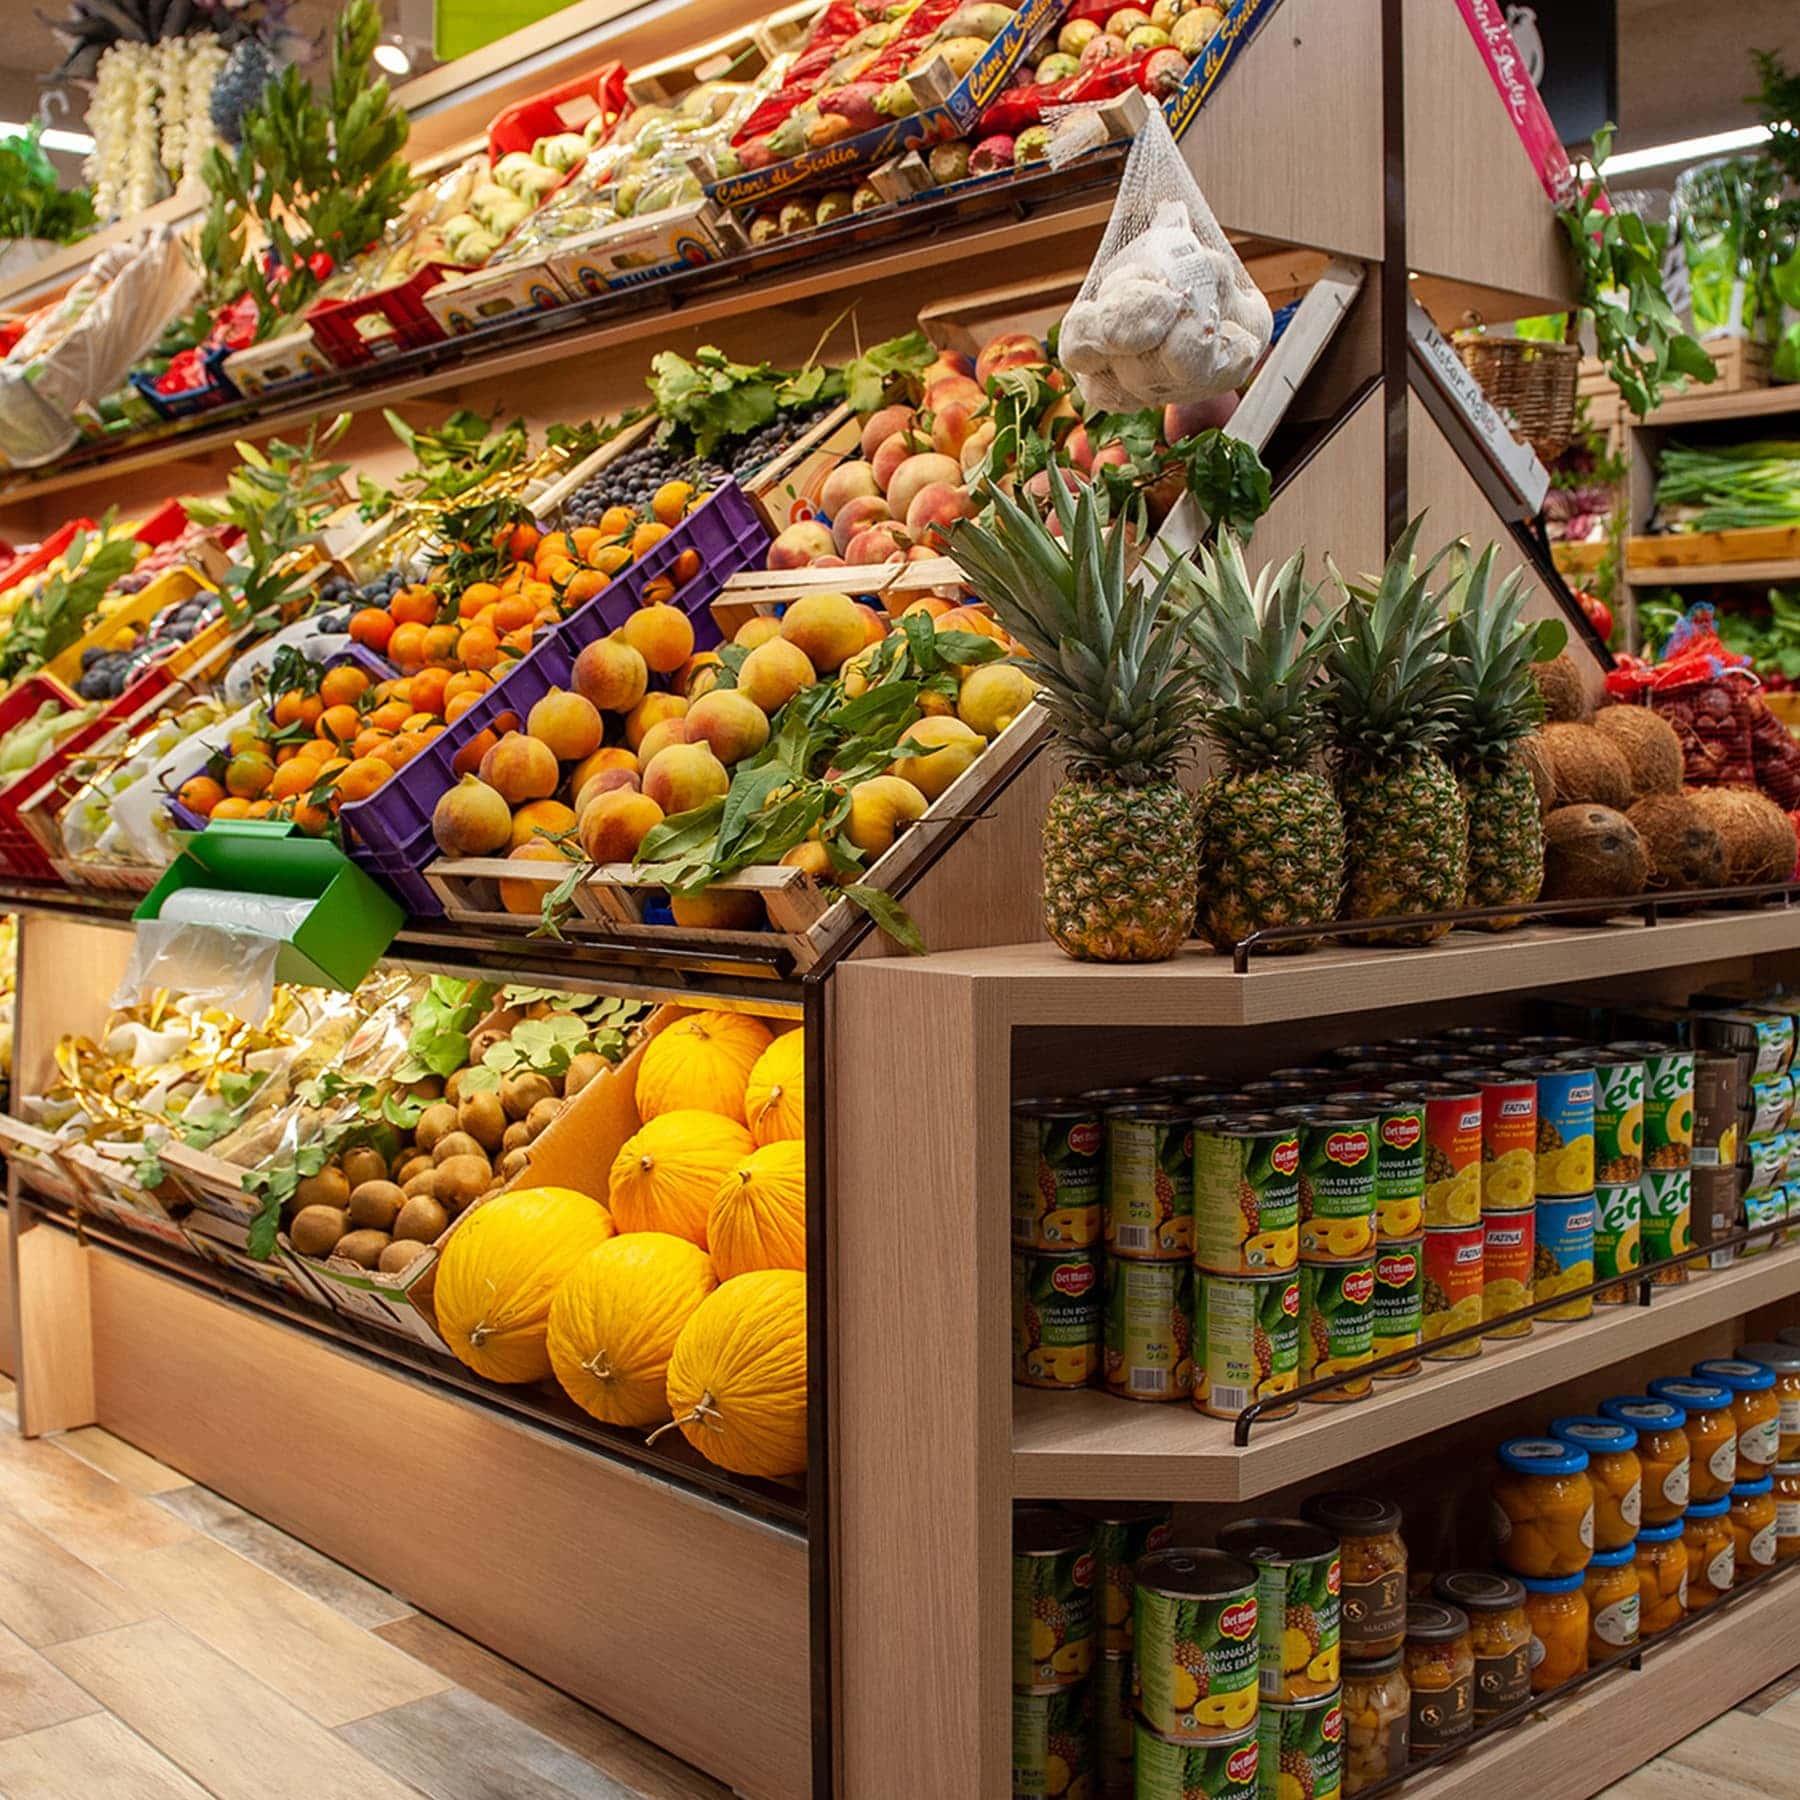 Dettaglio reparto ortofrutticolo di un supermercato della Grande Distribuzione Organizzata (GDO)